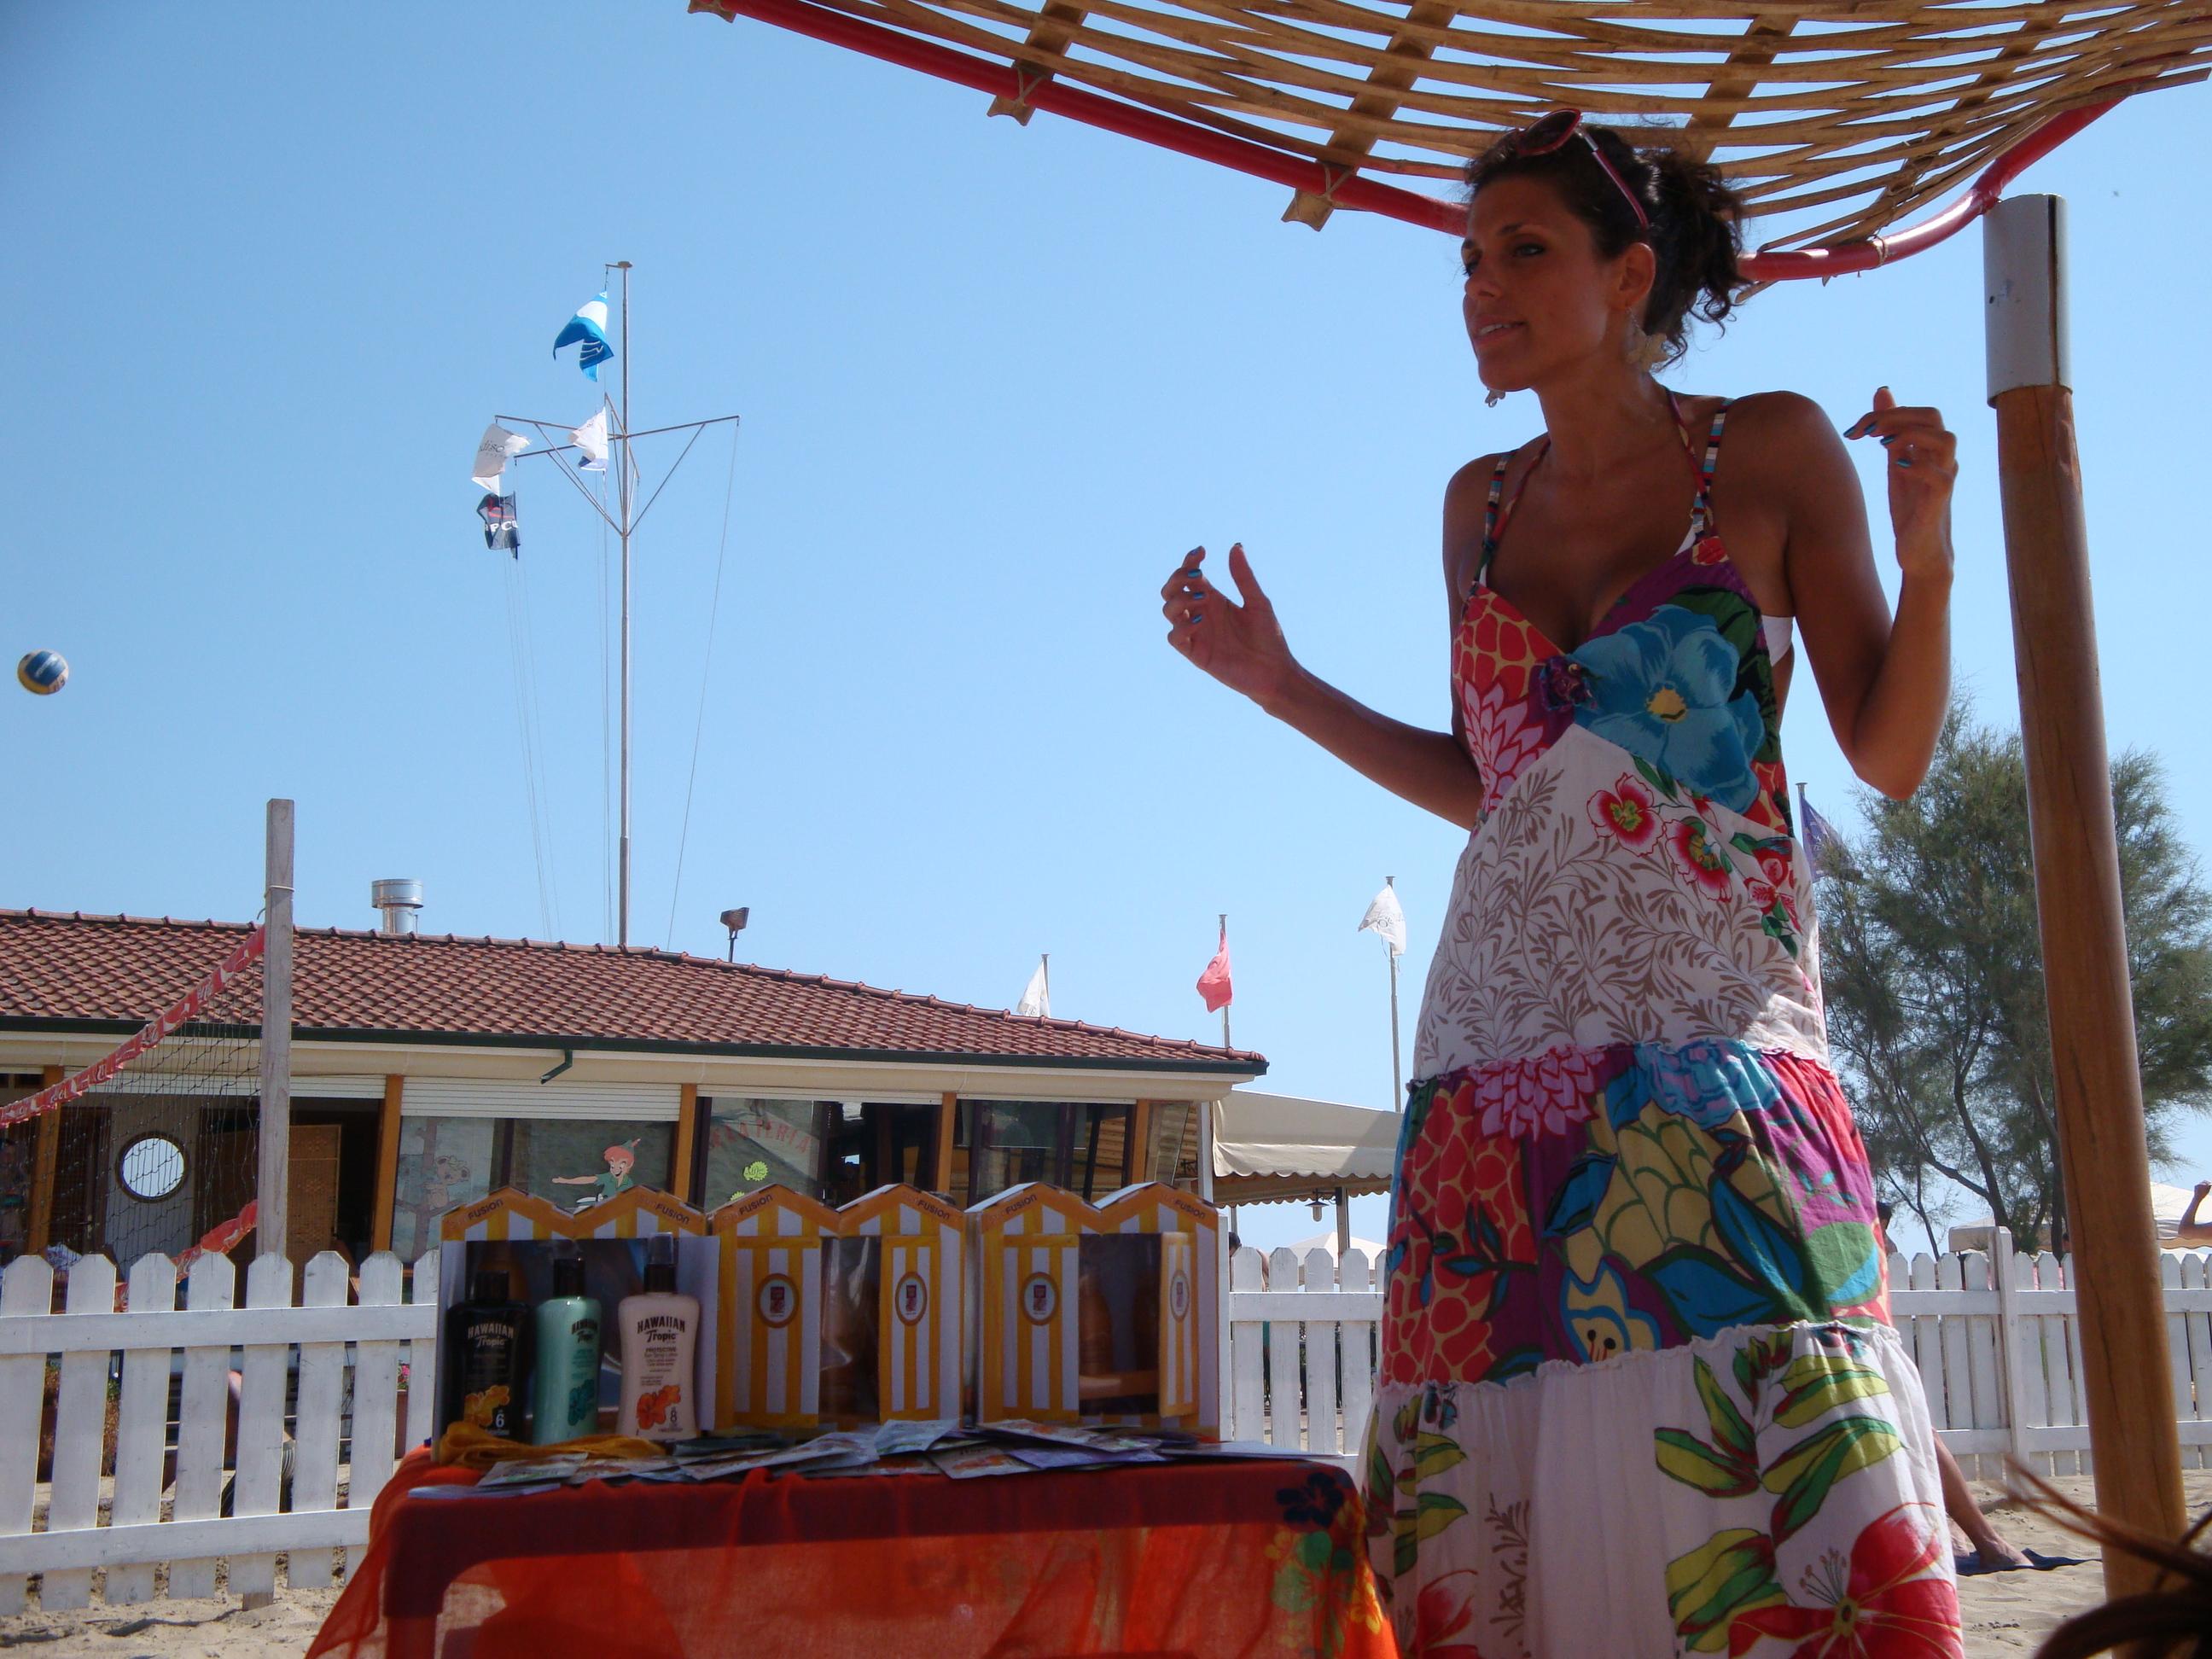 Summertime con l'Esteta!